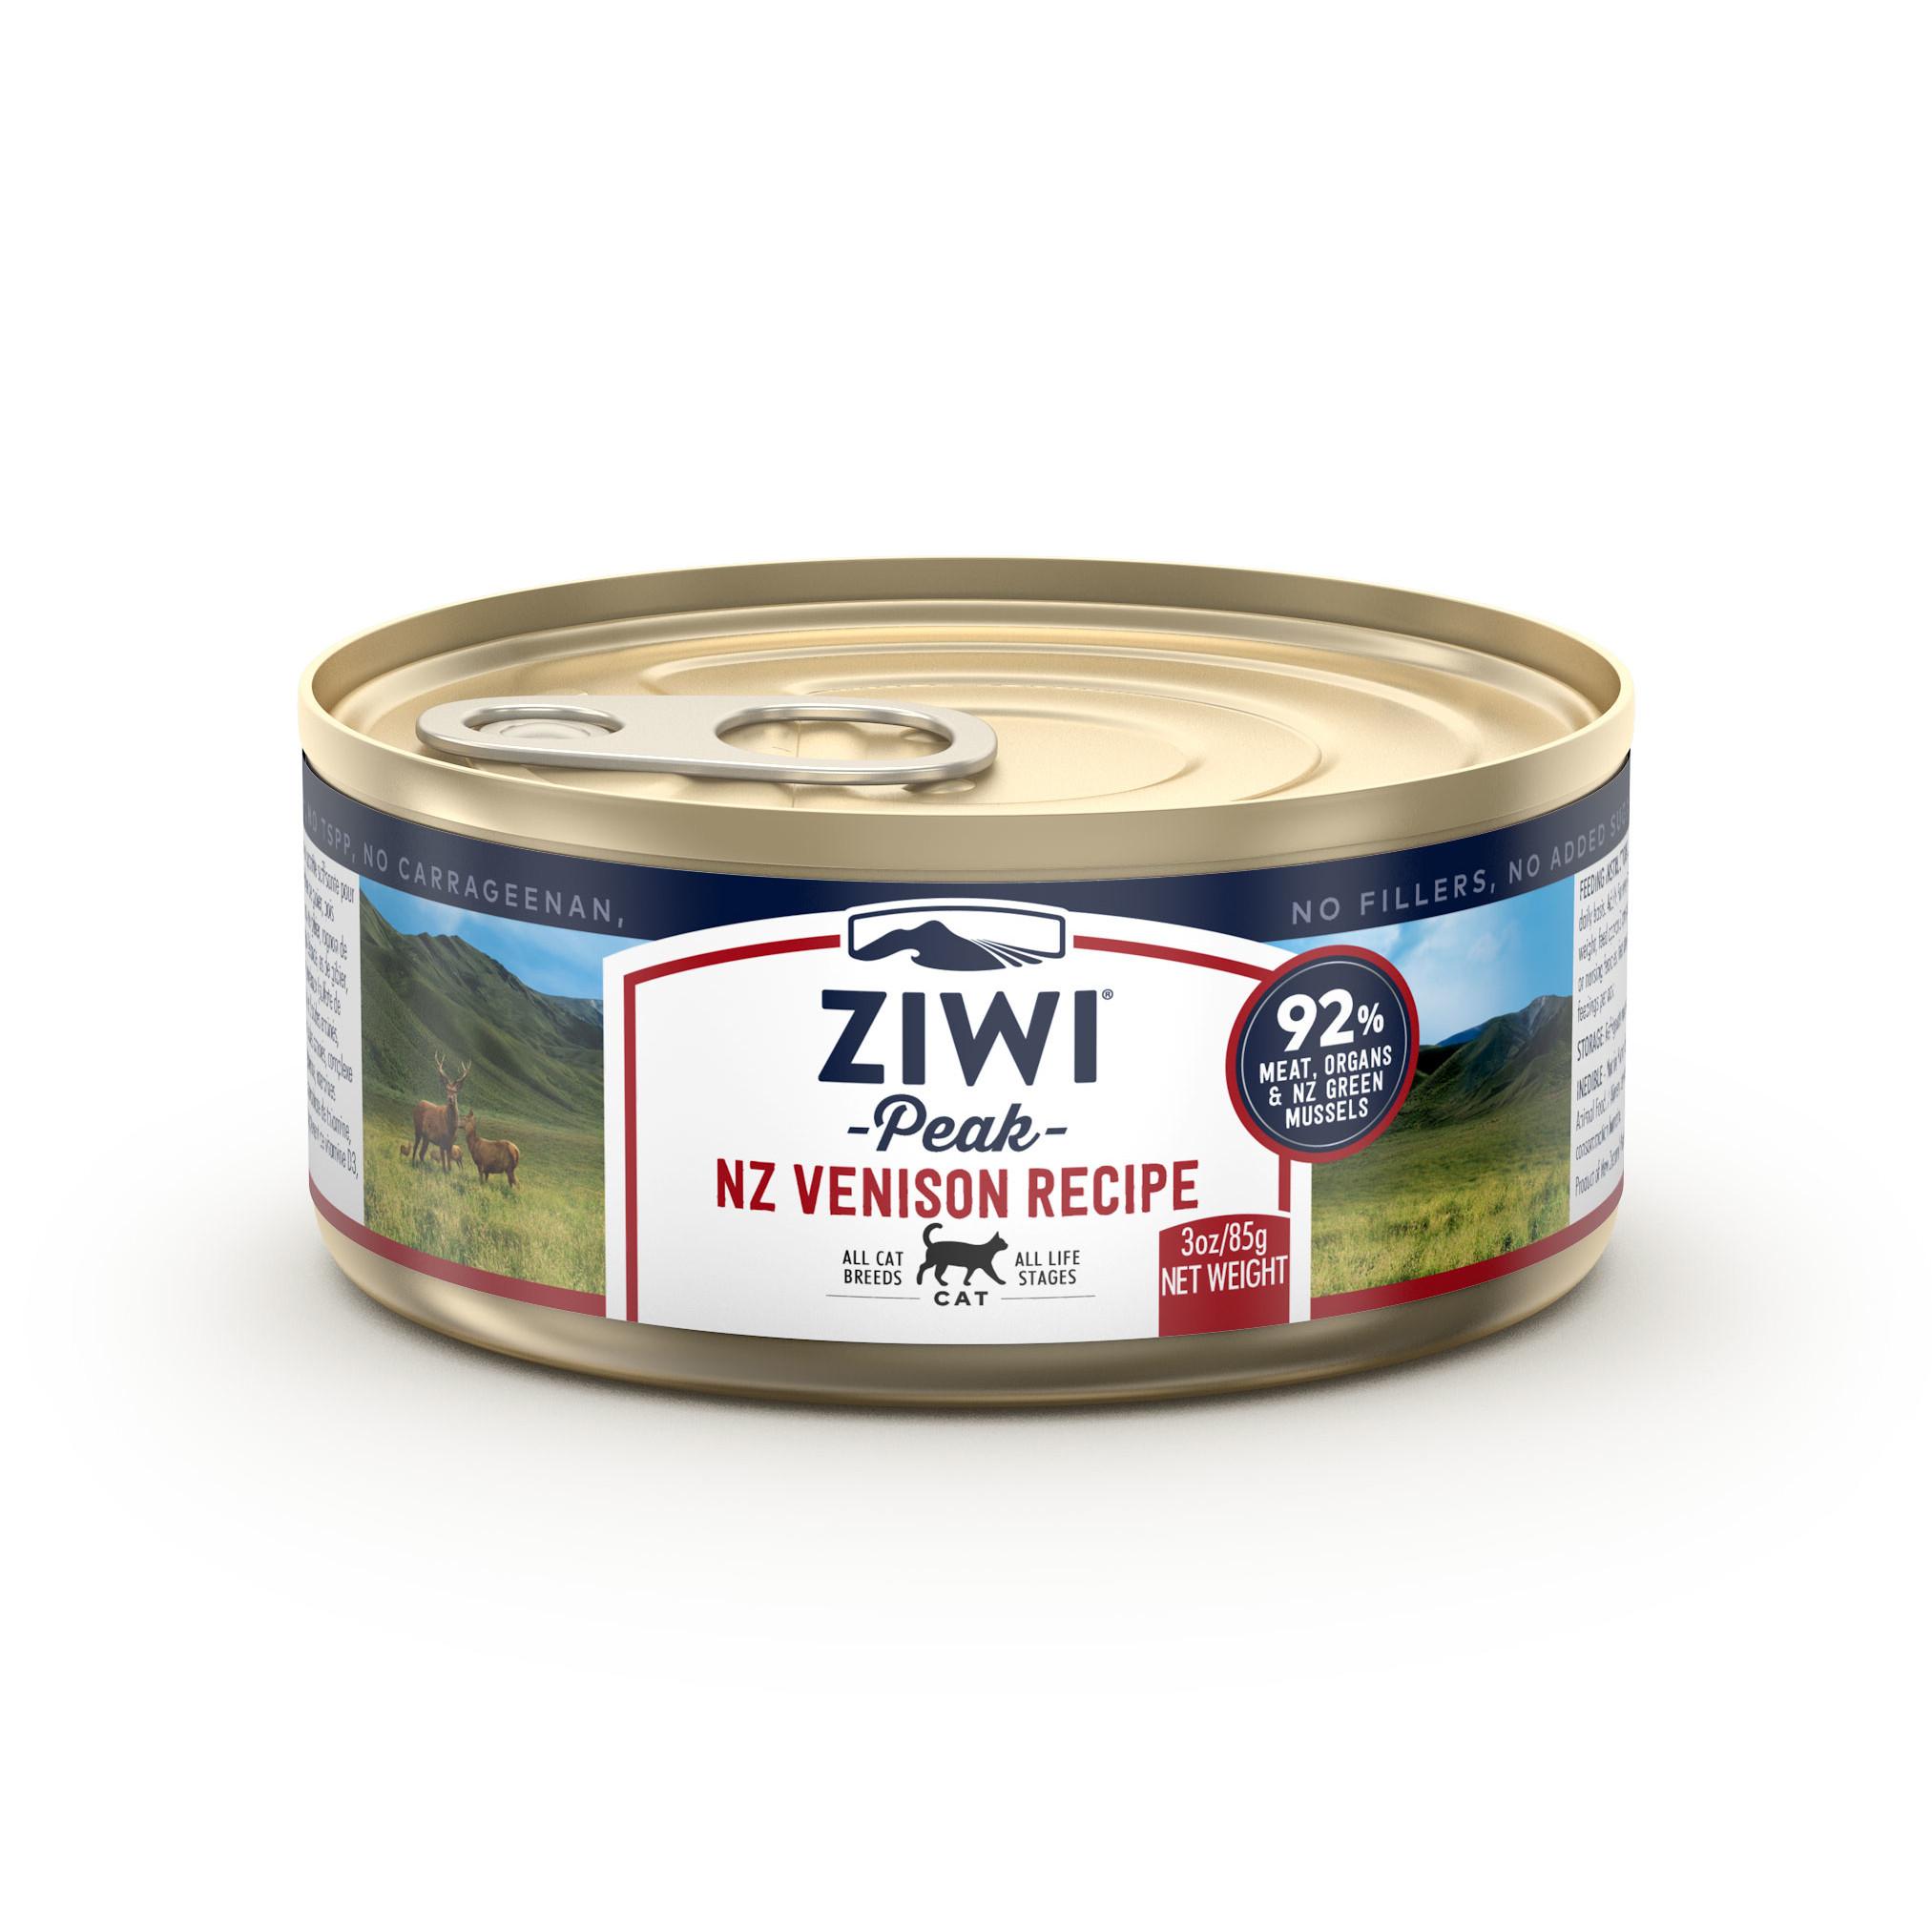 ZIWI Peak Canned Cat Food Venison Recipe, 3-oz